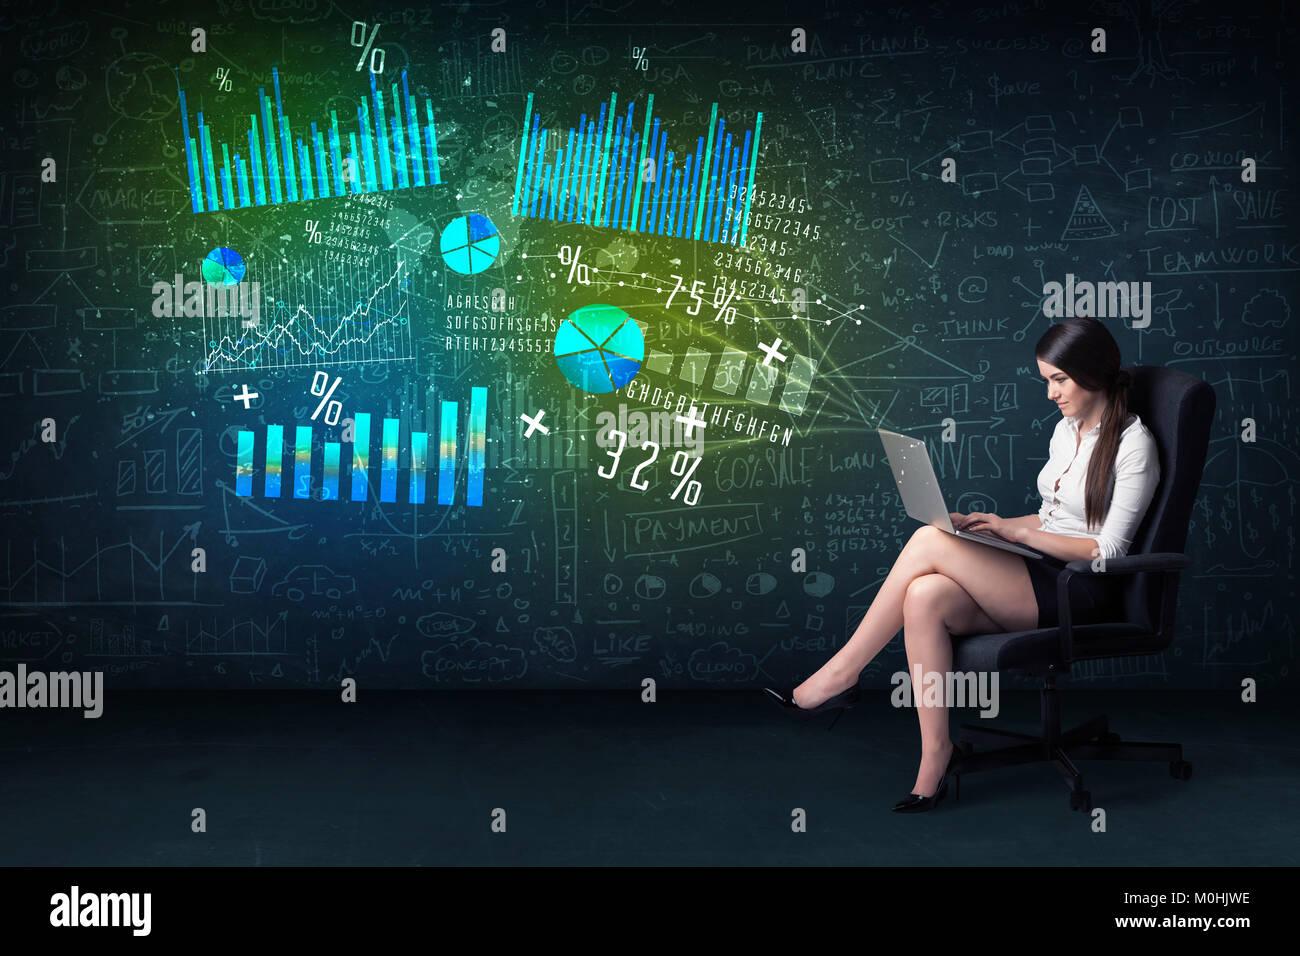 La empresaria en la oficina con lapotp en mano y high tech gráficos gráfico concepto sobre antecedentes Imagen De Stock